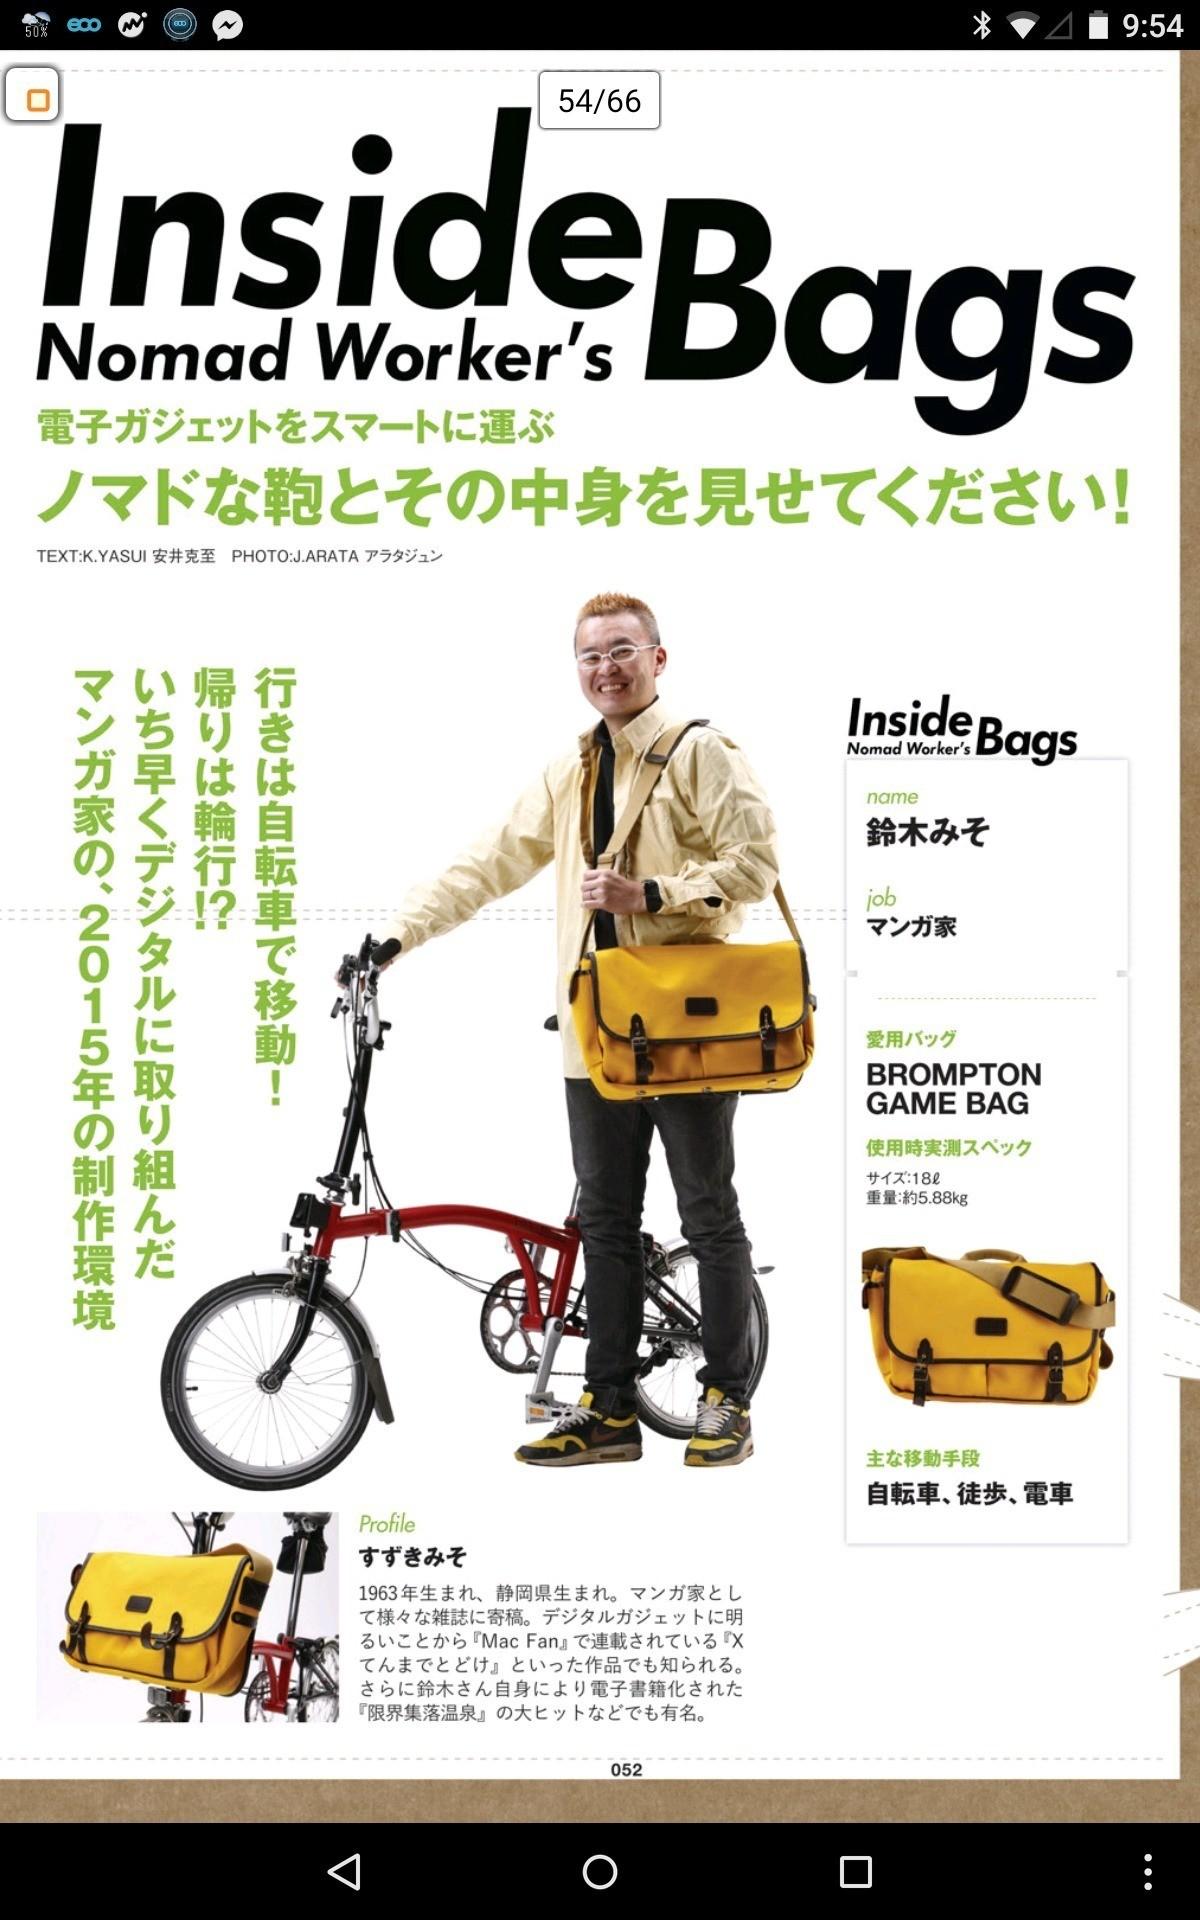 2年くらい前にflick!誌に載った「鞄の中身を見せる」特集記事。ちょっと見てみたらもう中身が相当入れ替わっていた。